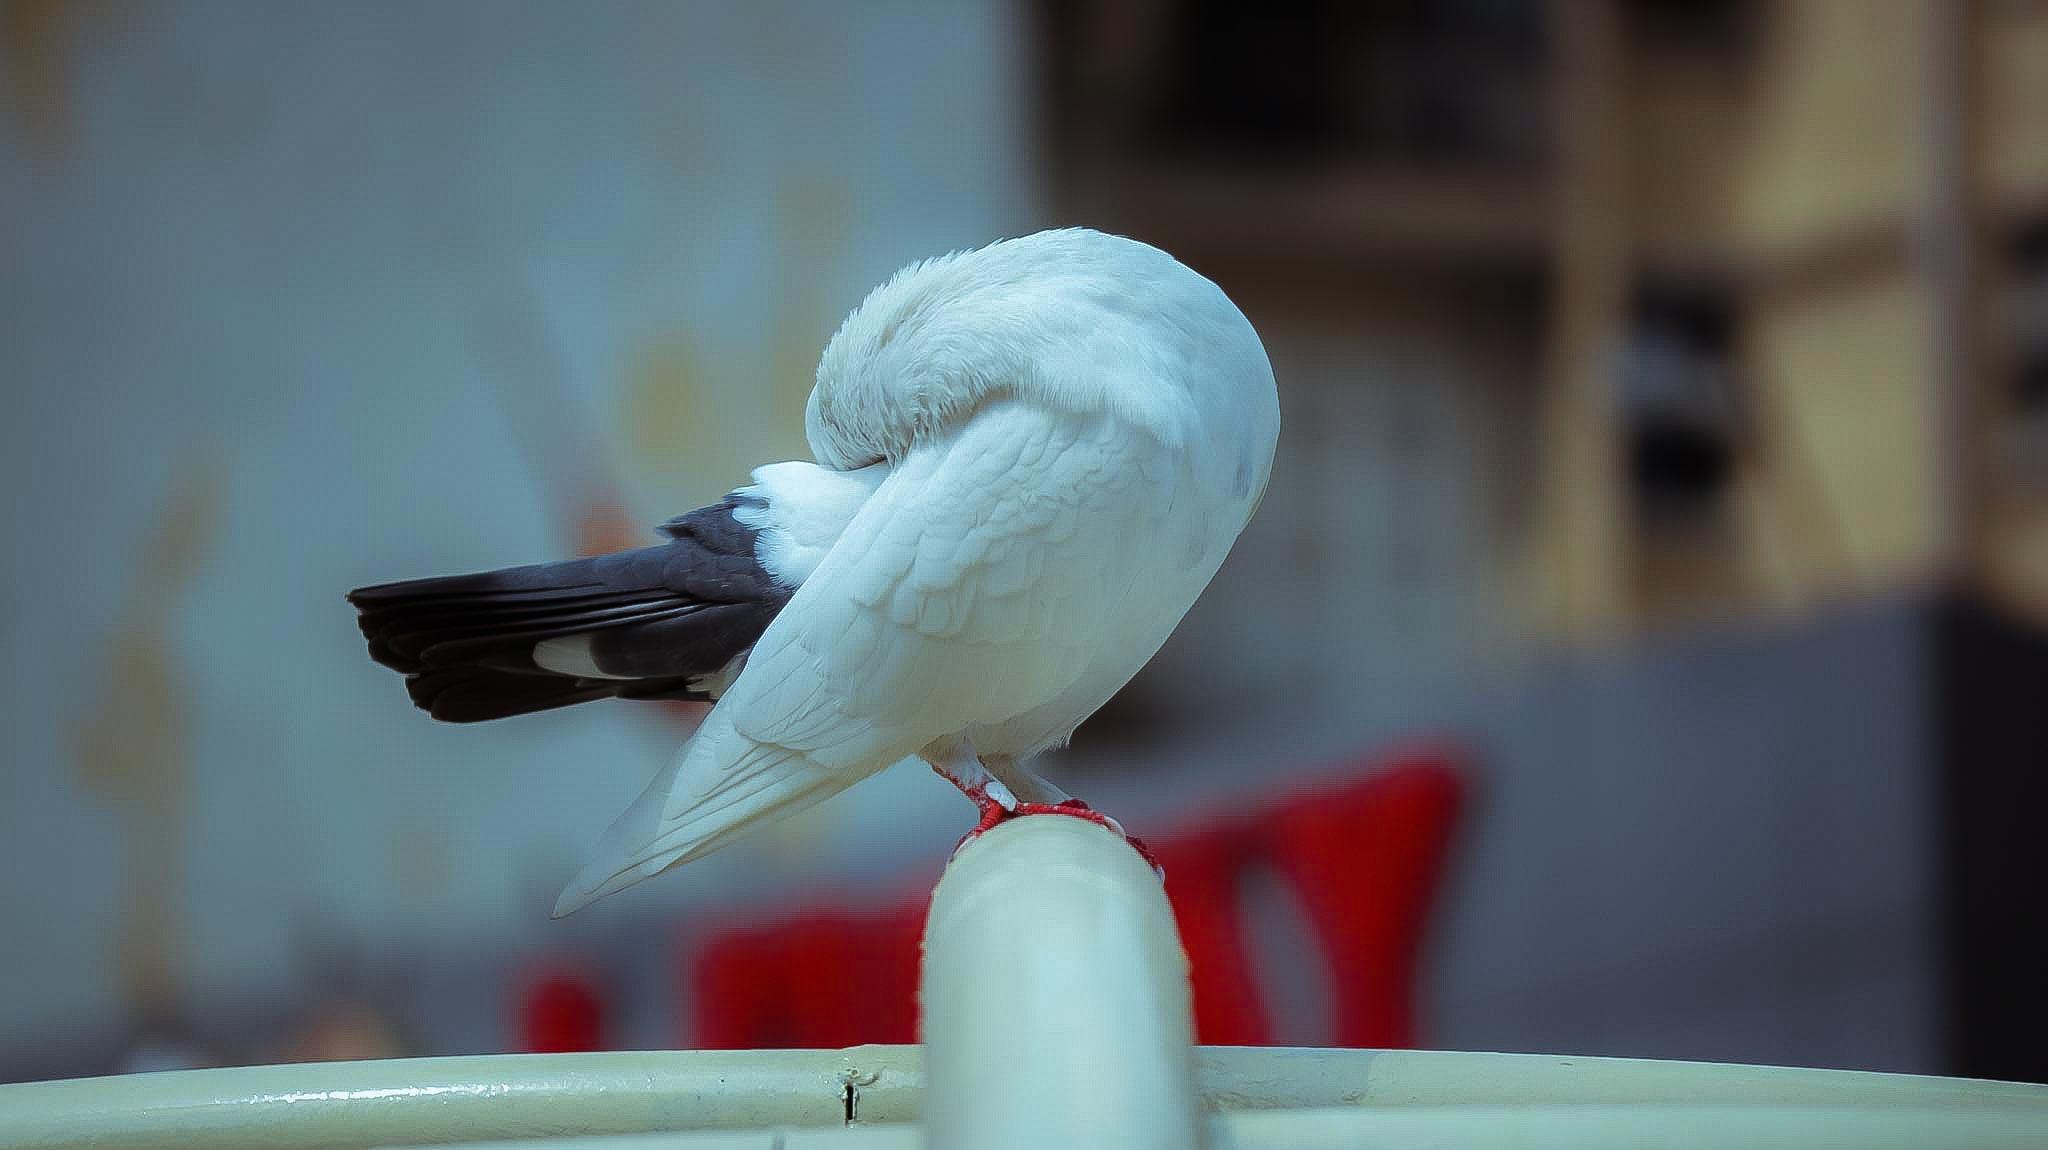 Download 93 Foto Gambar Burung Merpati Dan Dara  Paling Keren Gratis